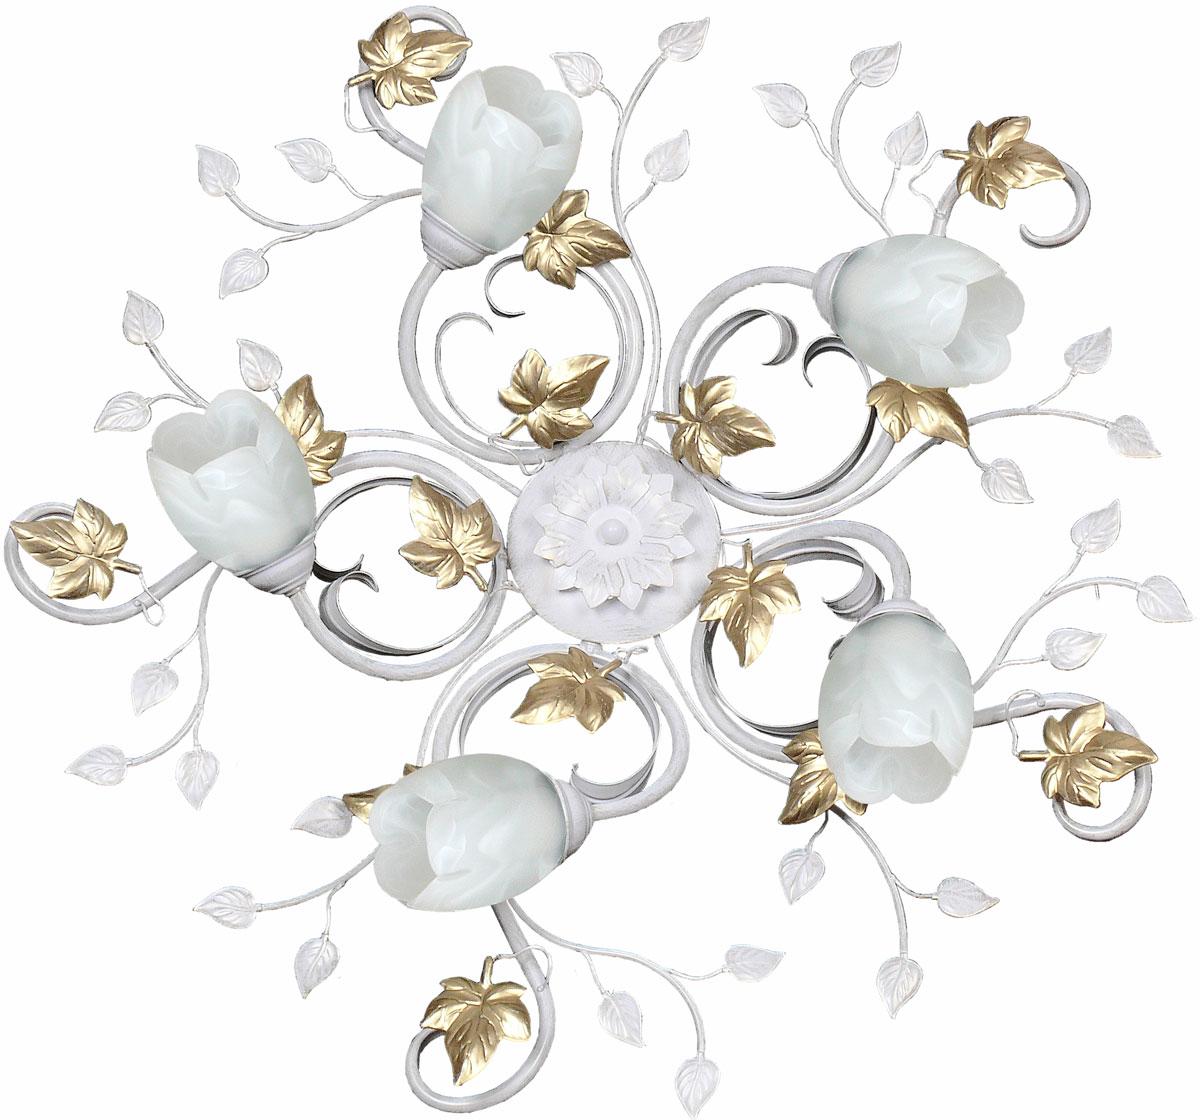 Люстра потолочная Аврора Флоренция, 5 х E14, 60 W. 10115-5C10115-5C